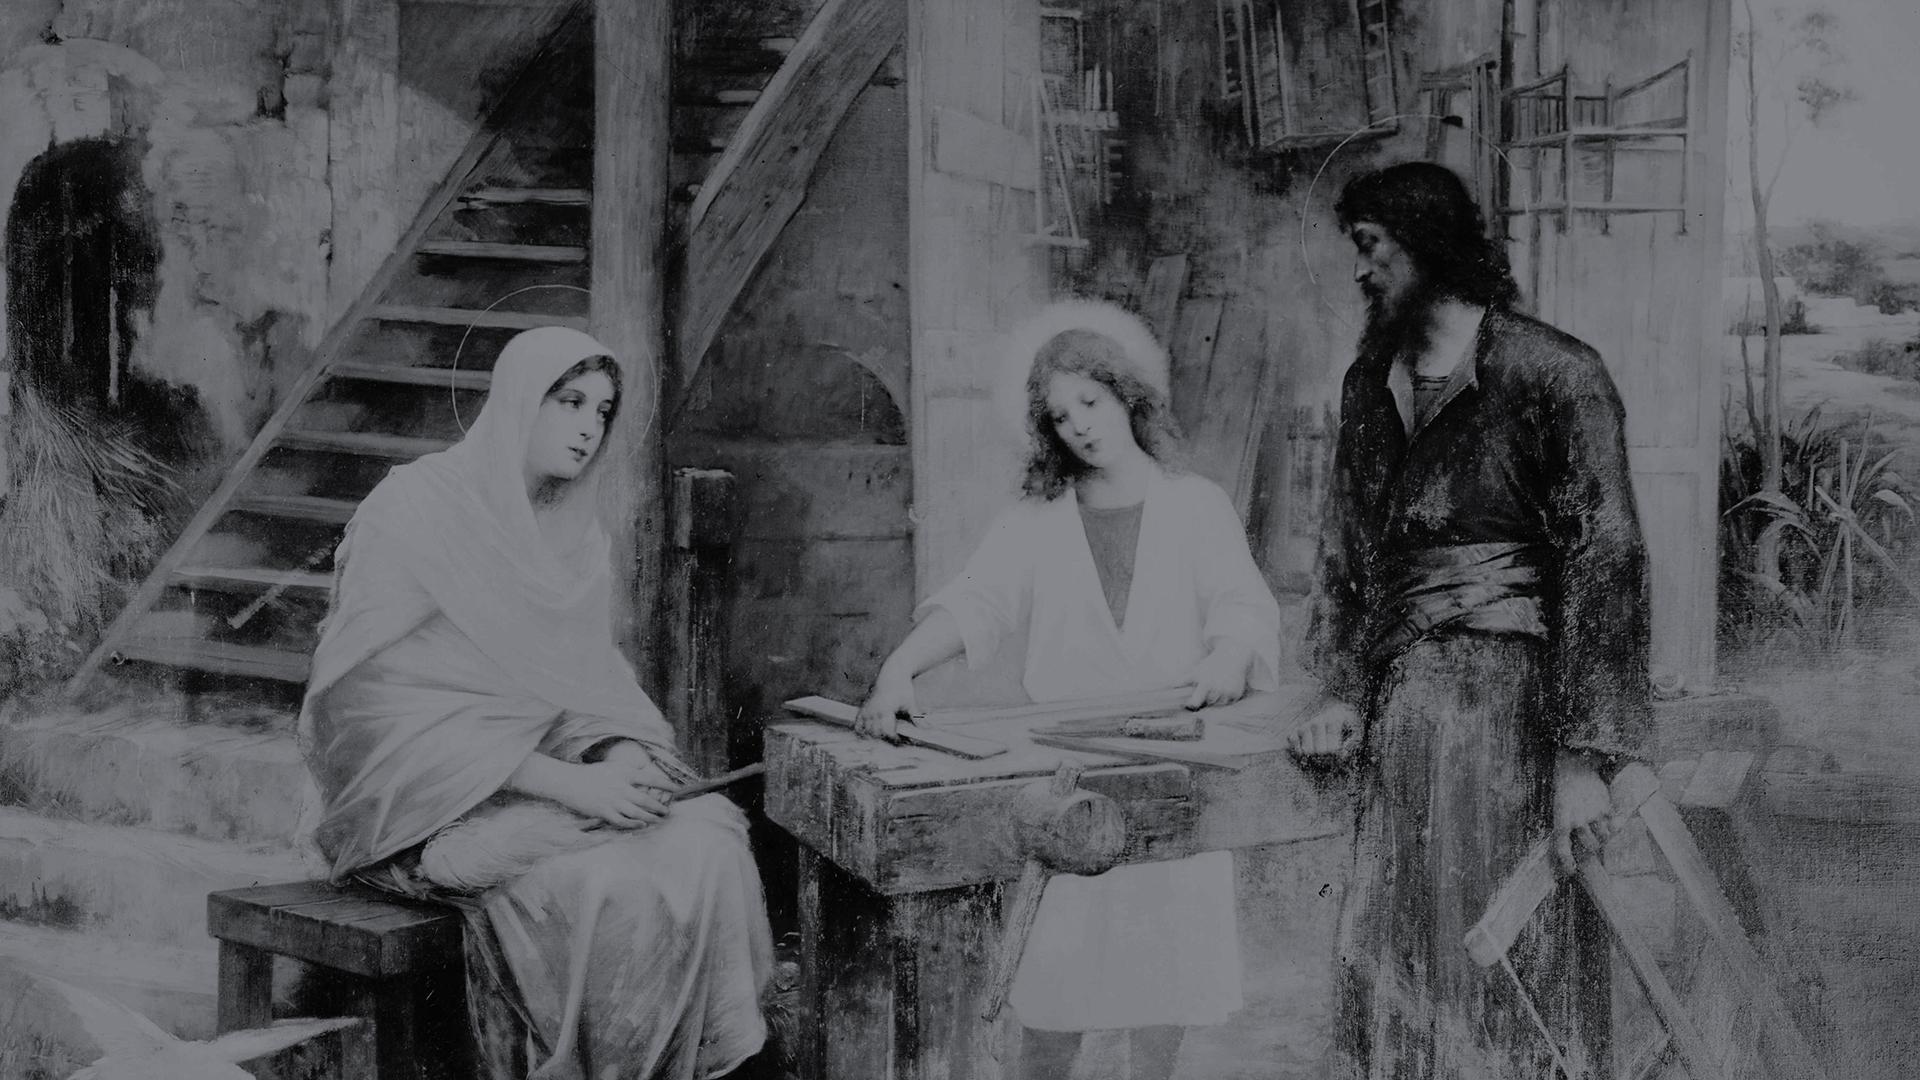 В Израиле раскопали дом, по всем признакам похожий на жилище Иисуса Христа